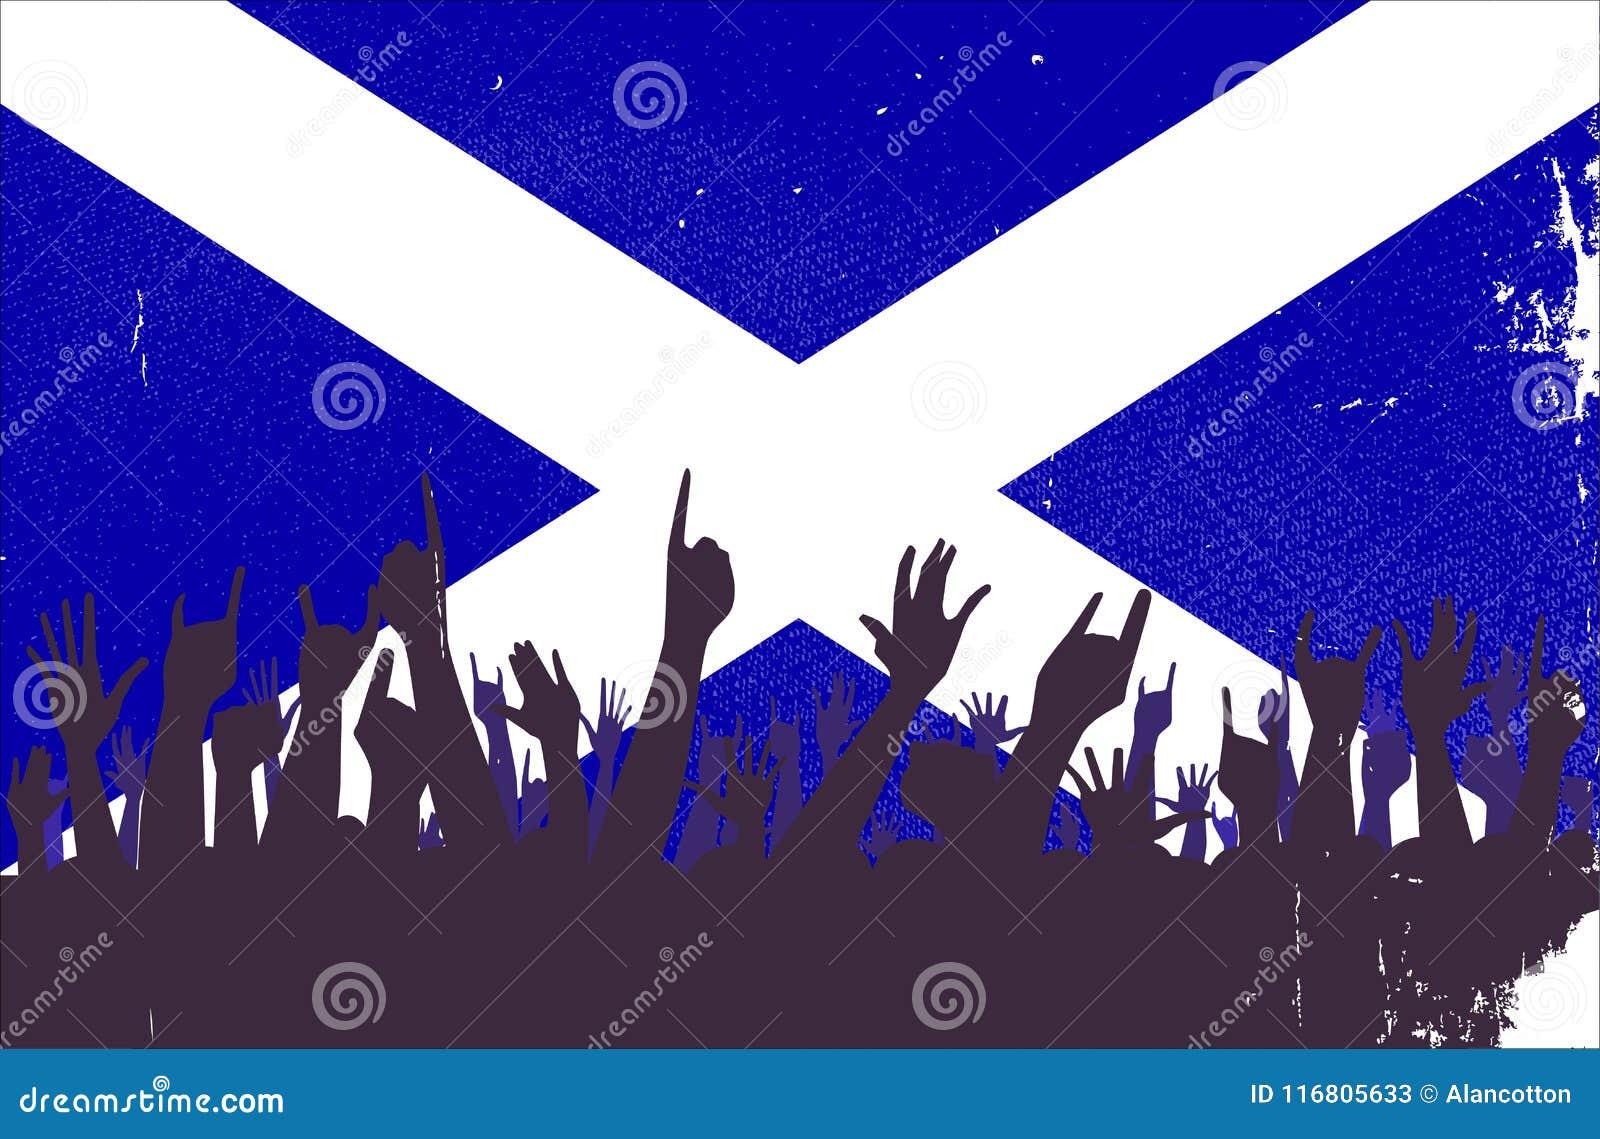 Bandiera della Scozia con reazione del pubblico